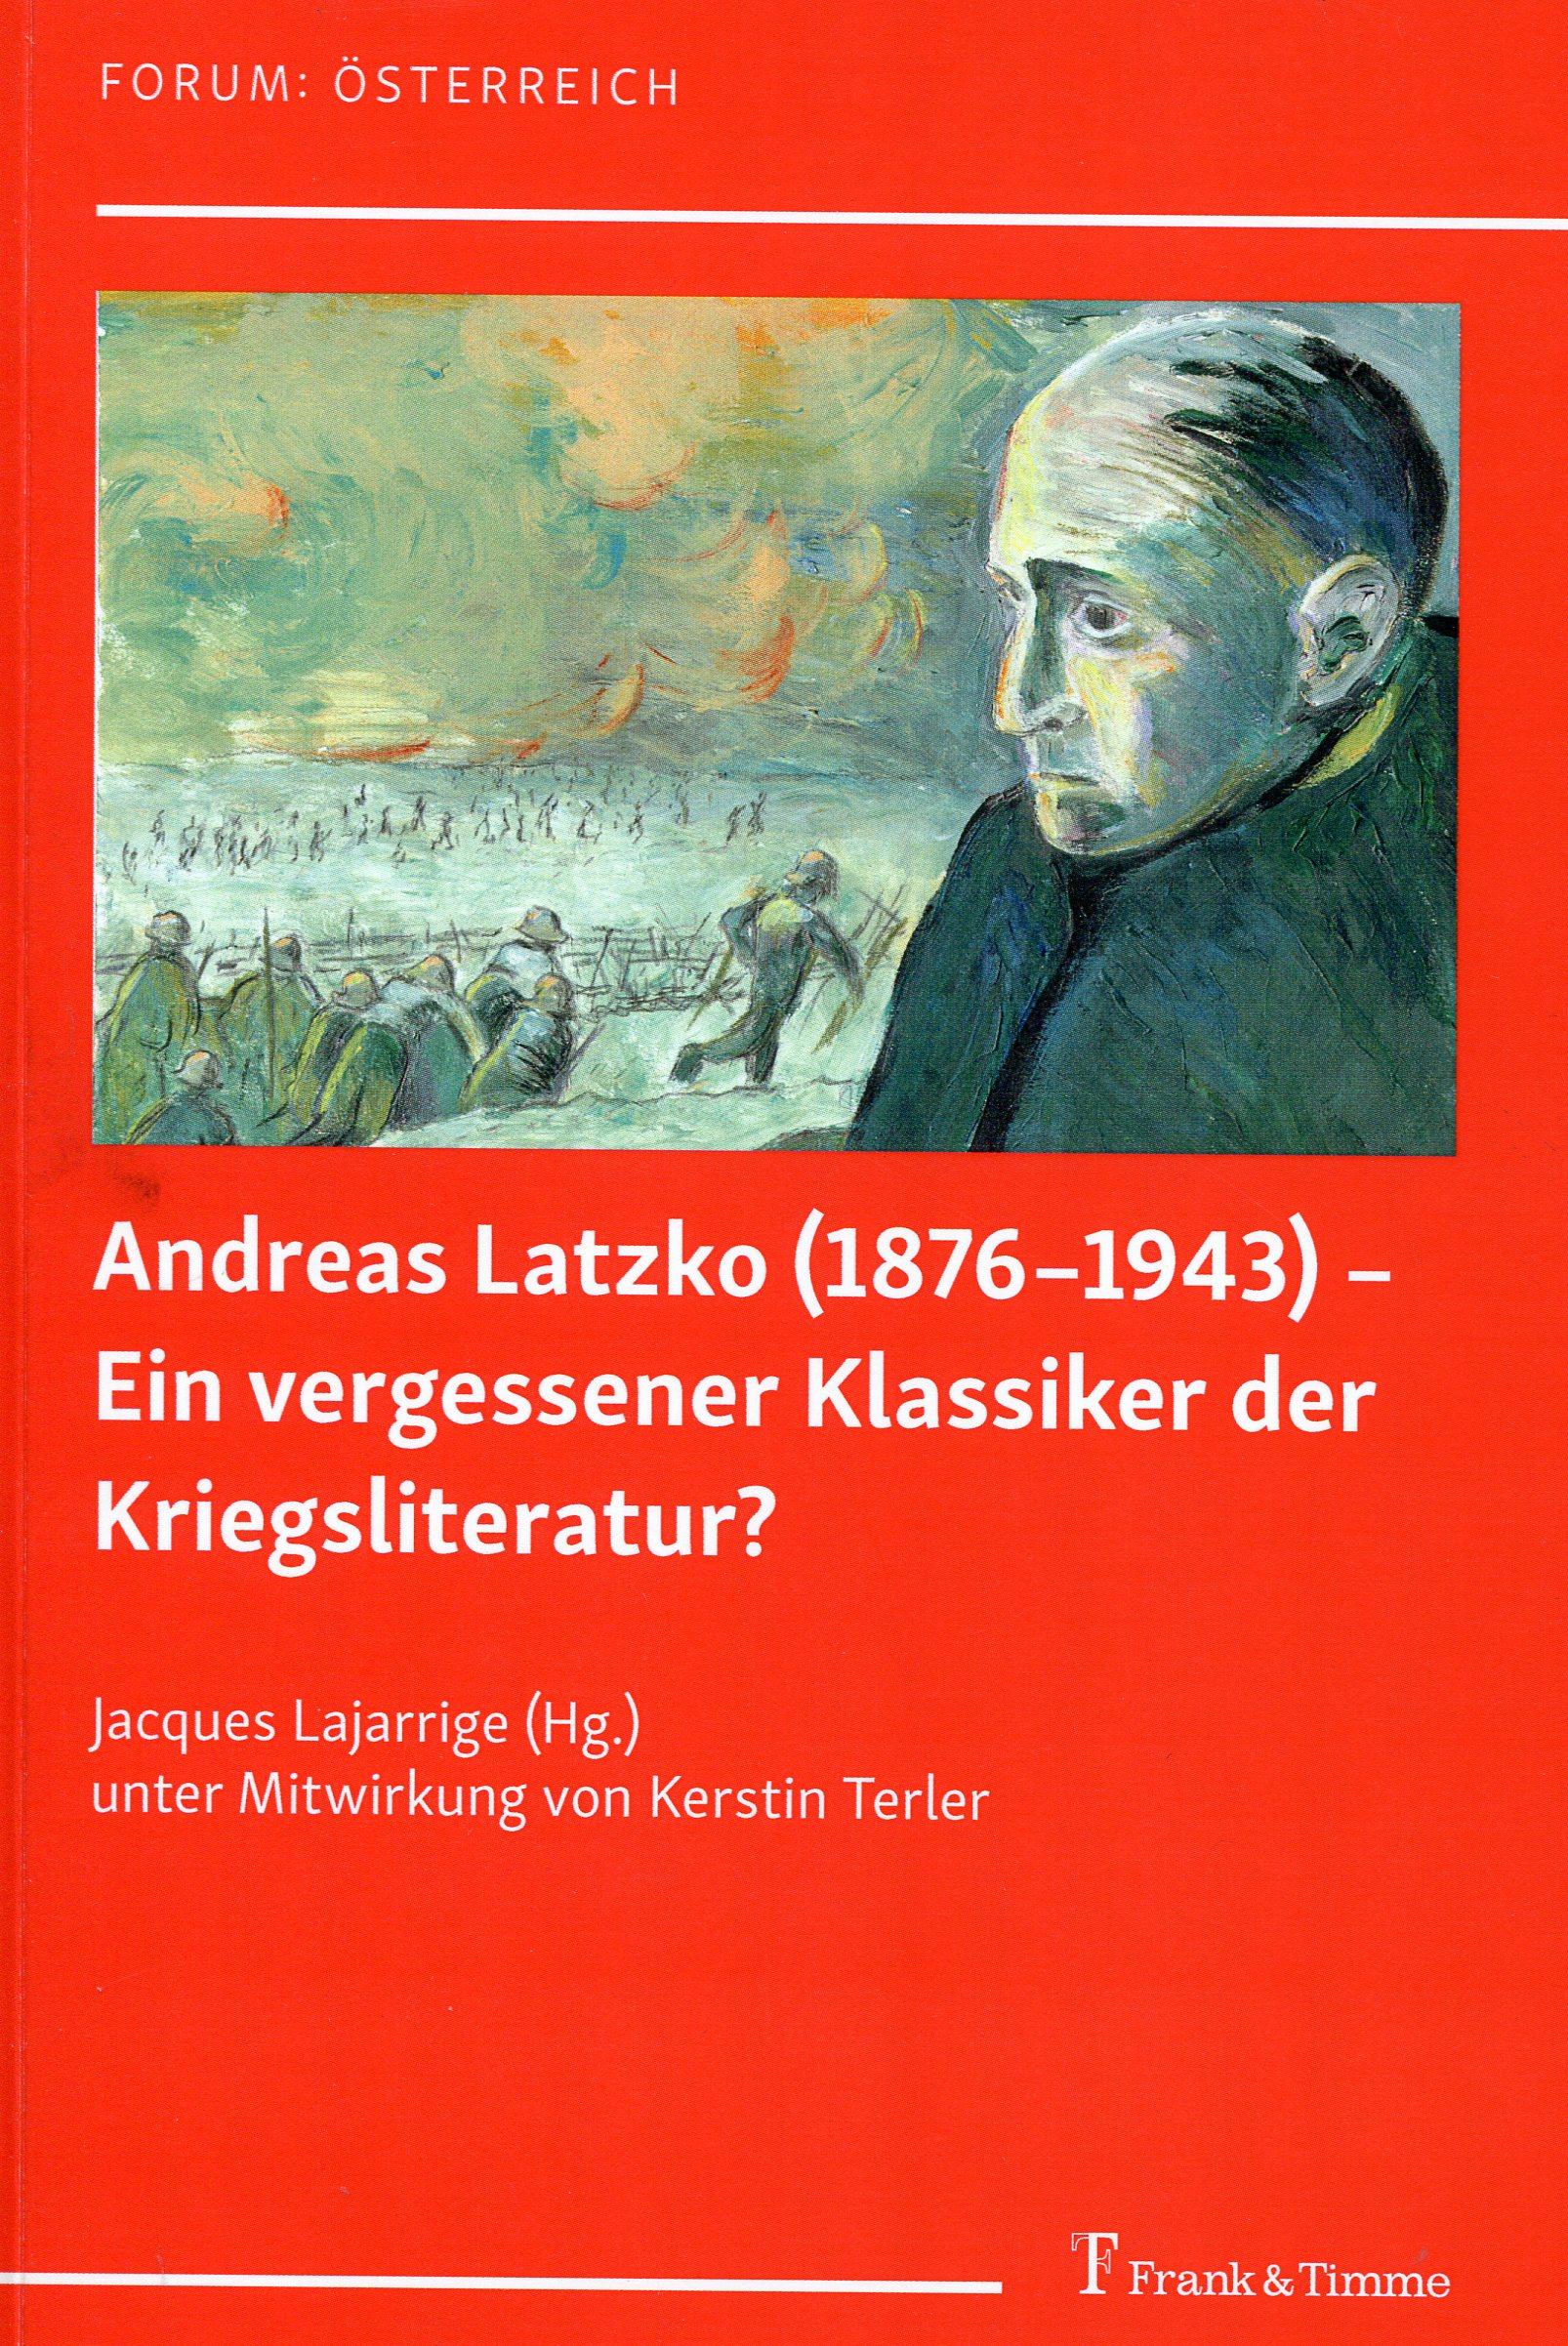 Latzko, Andreas (1876-1943)